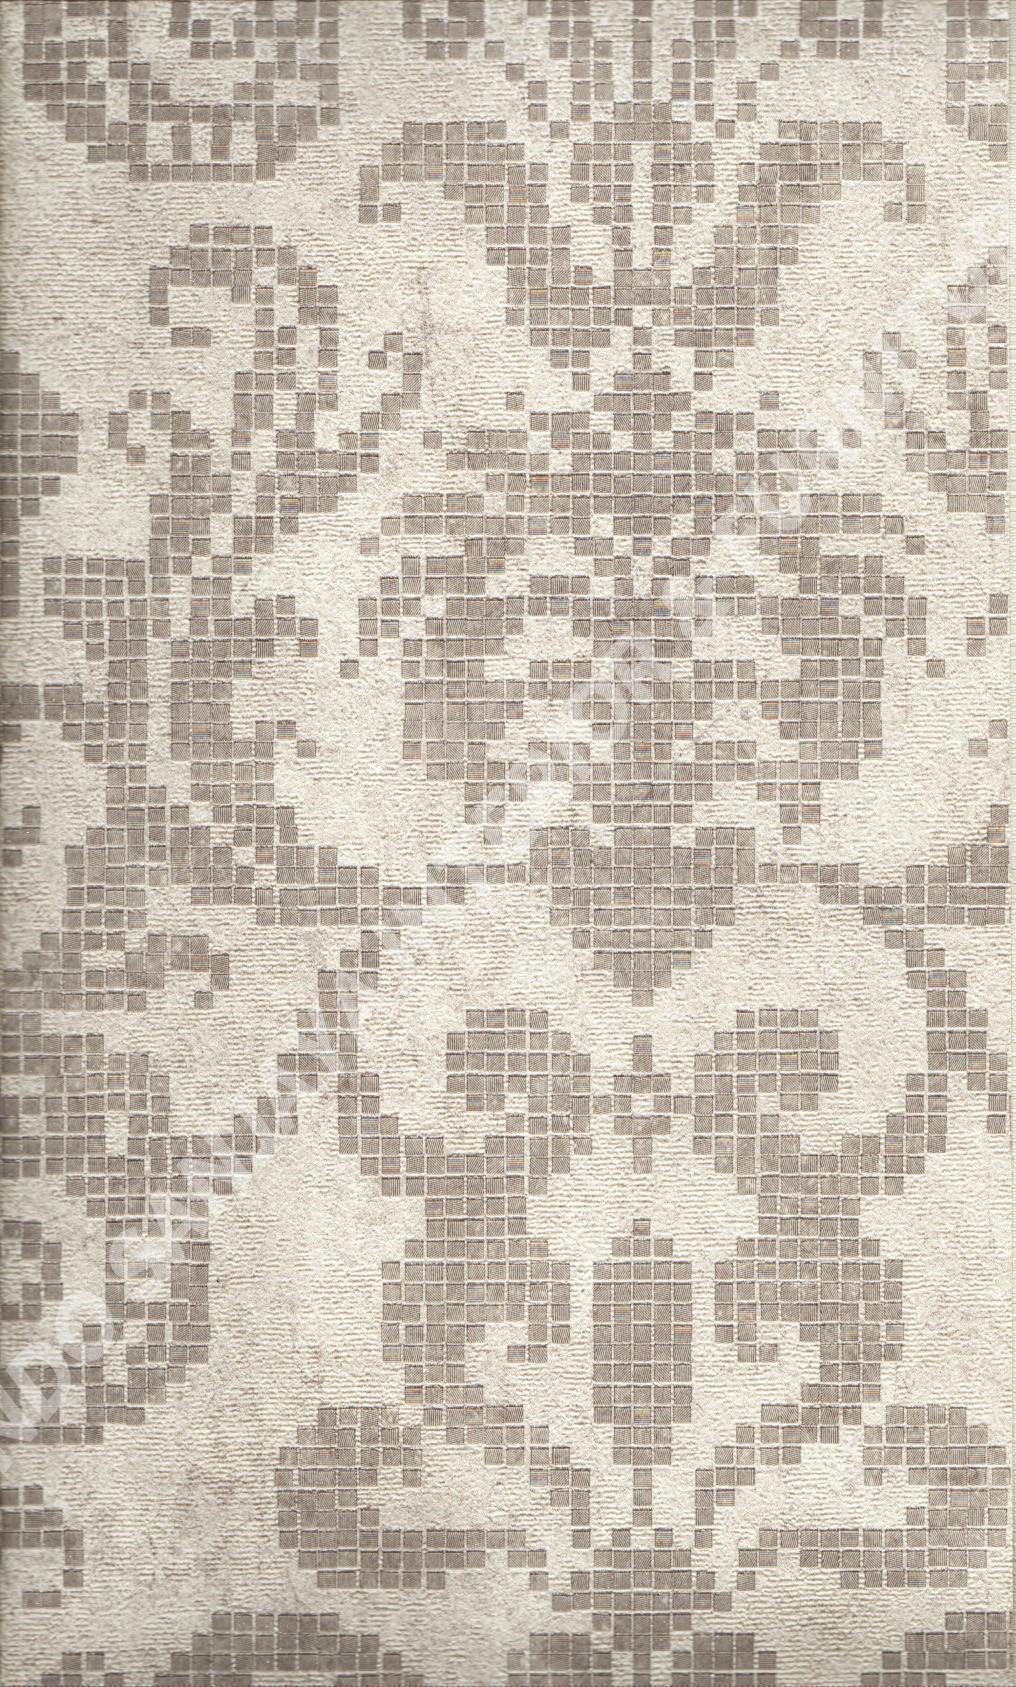 wallpaper   Wallpaper Bunga 3025:3025 corak  warna